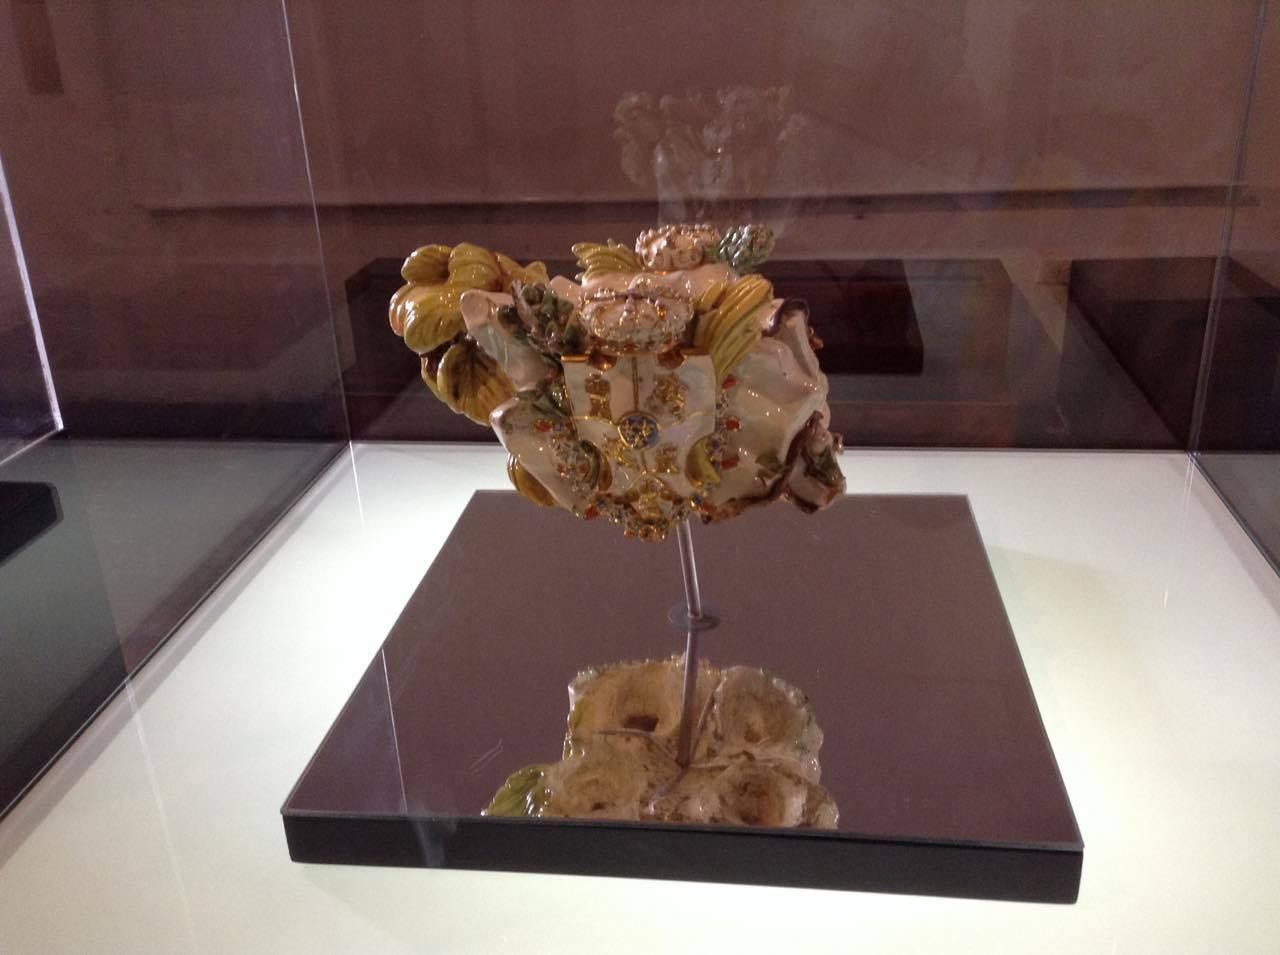 El cuerpo descuartizado de un jarrón